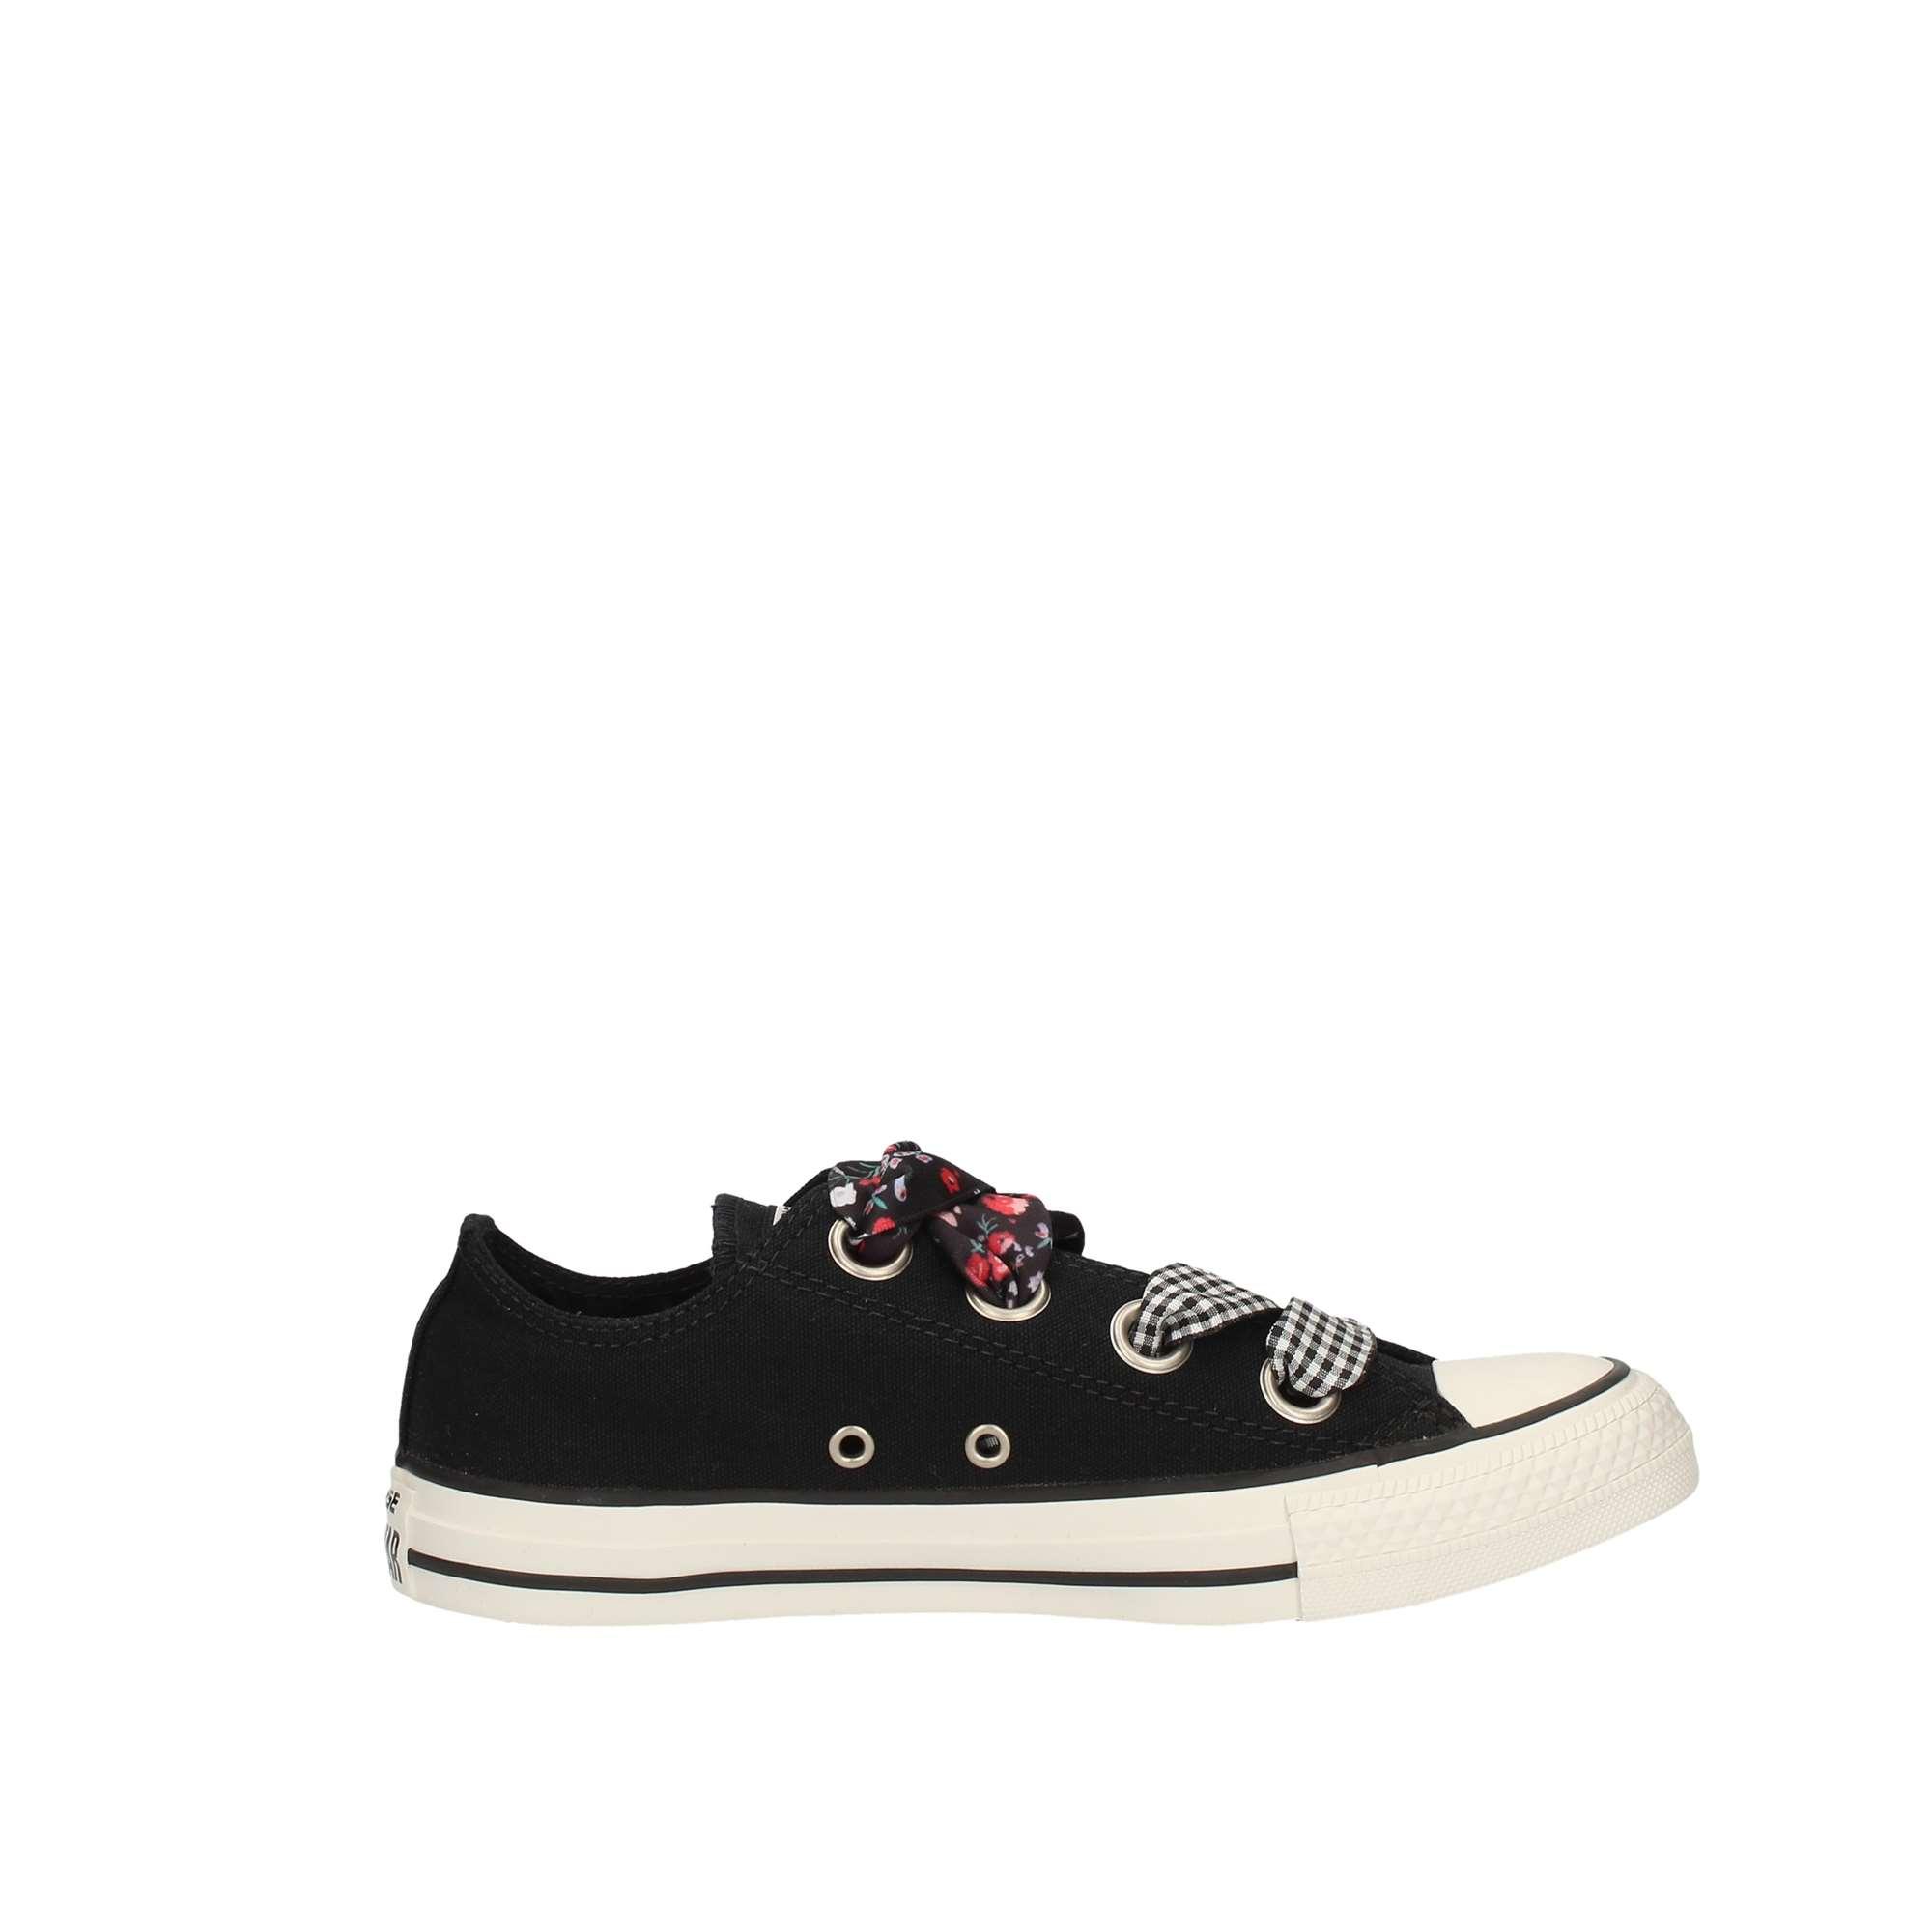 Scarpe Sneakers All Donna Estate Primavera Converse Nero Star 560978c r7rwHxZq